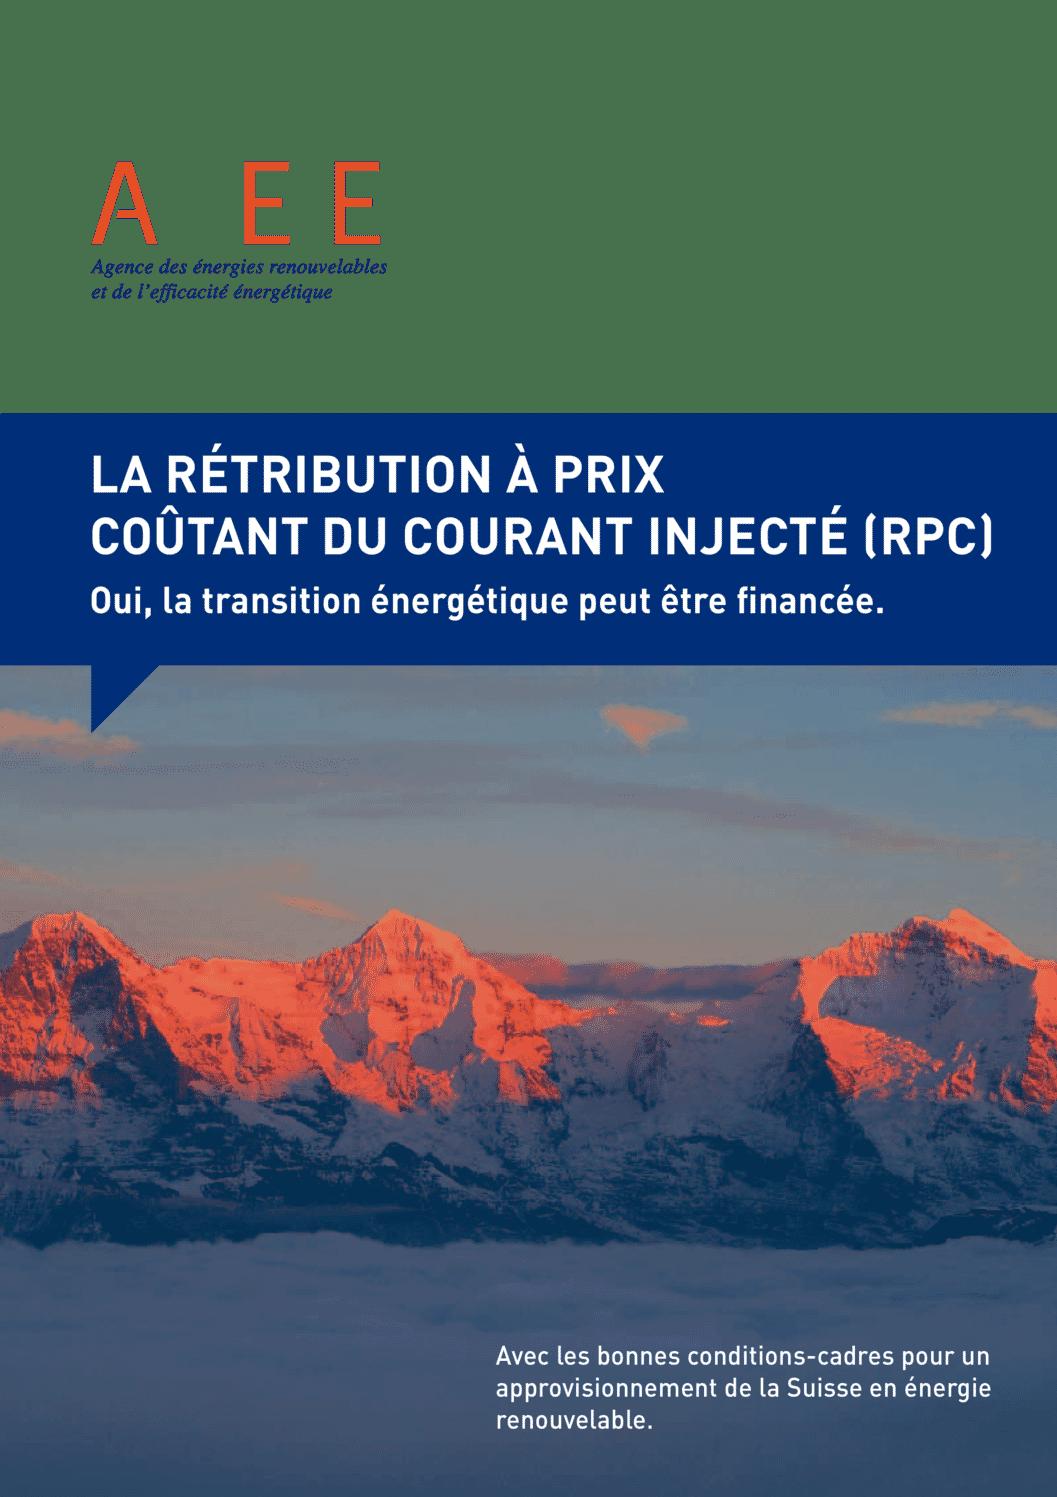 aee suisse Brochure RPC